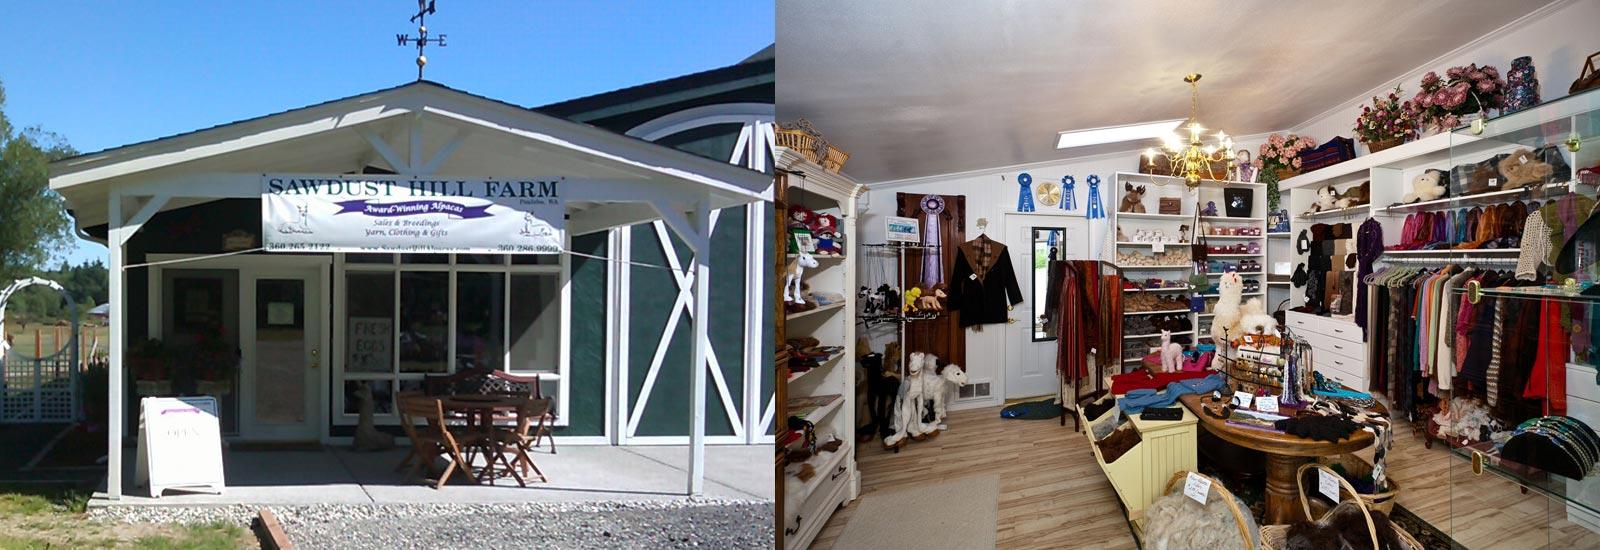 Sawdust Hill Alpaca Farm Store